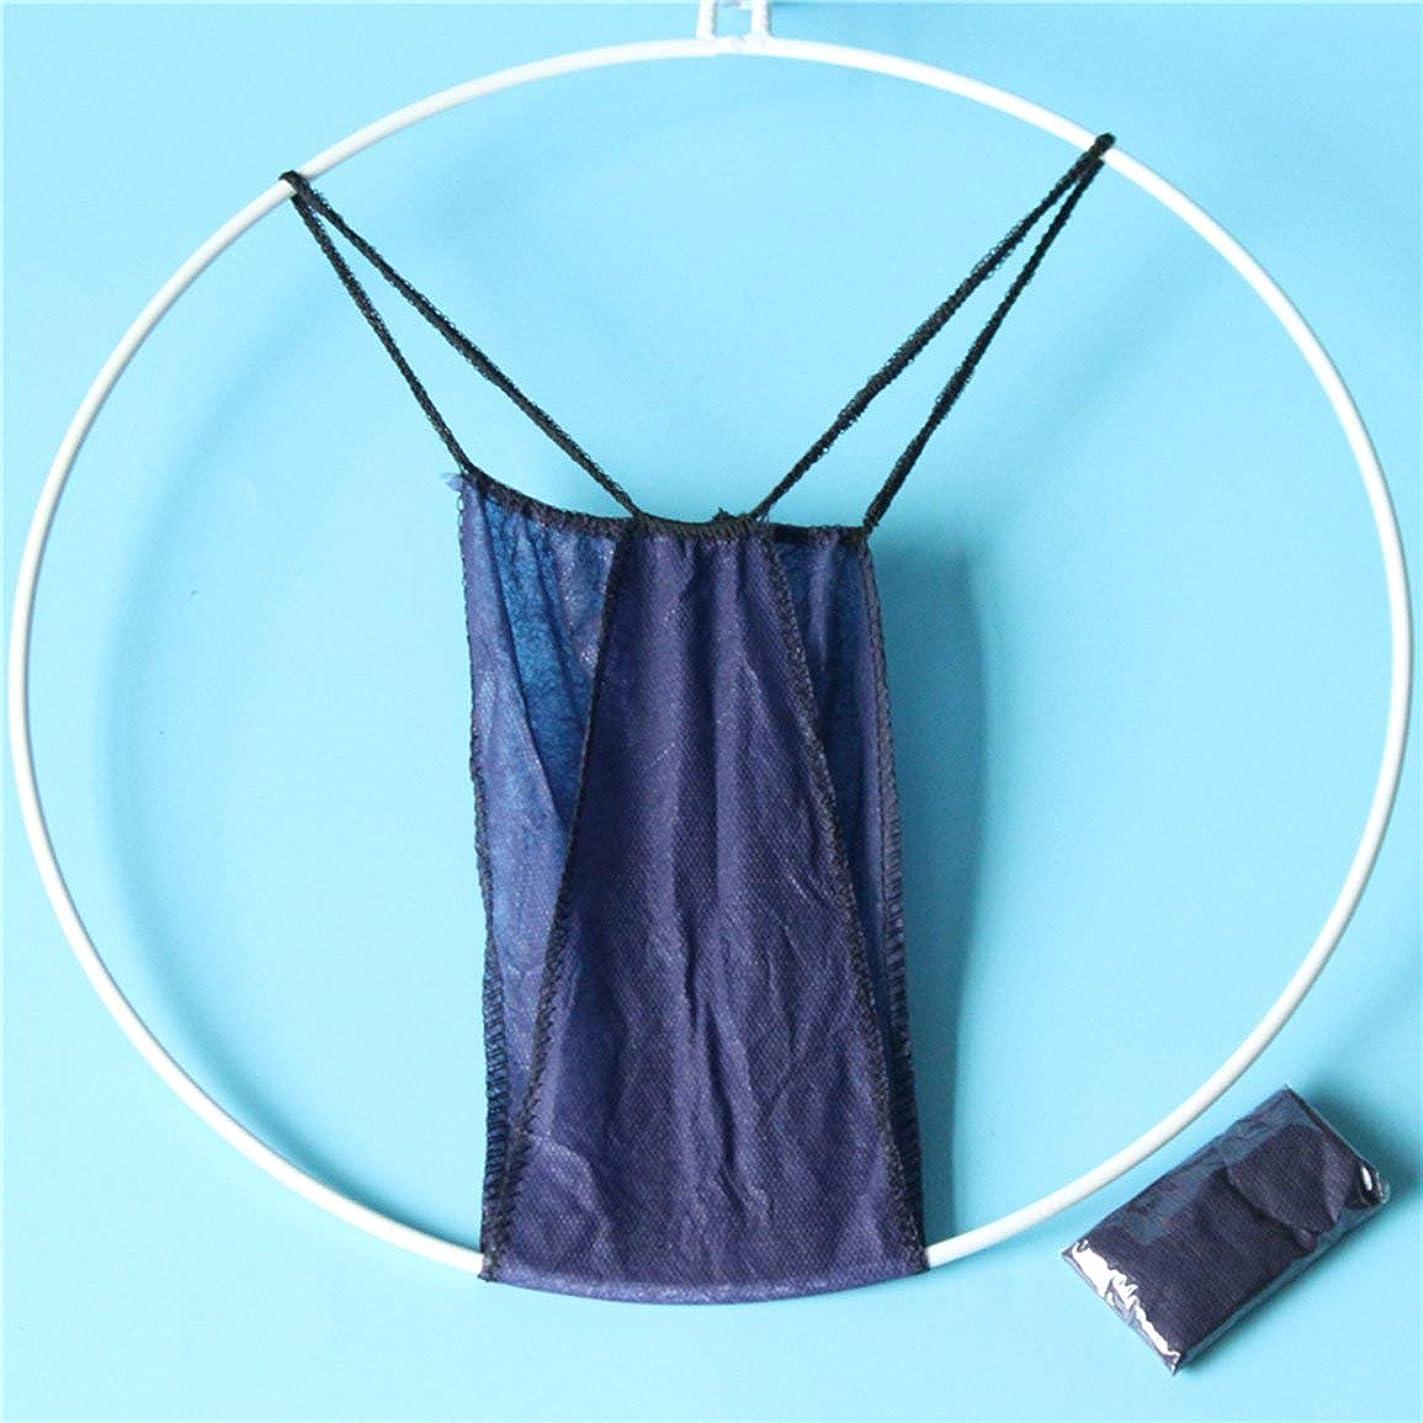 仕方取る代替不織布使い捨てひも婦人用下着ブリーフTパンツ美容サウナ - 青